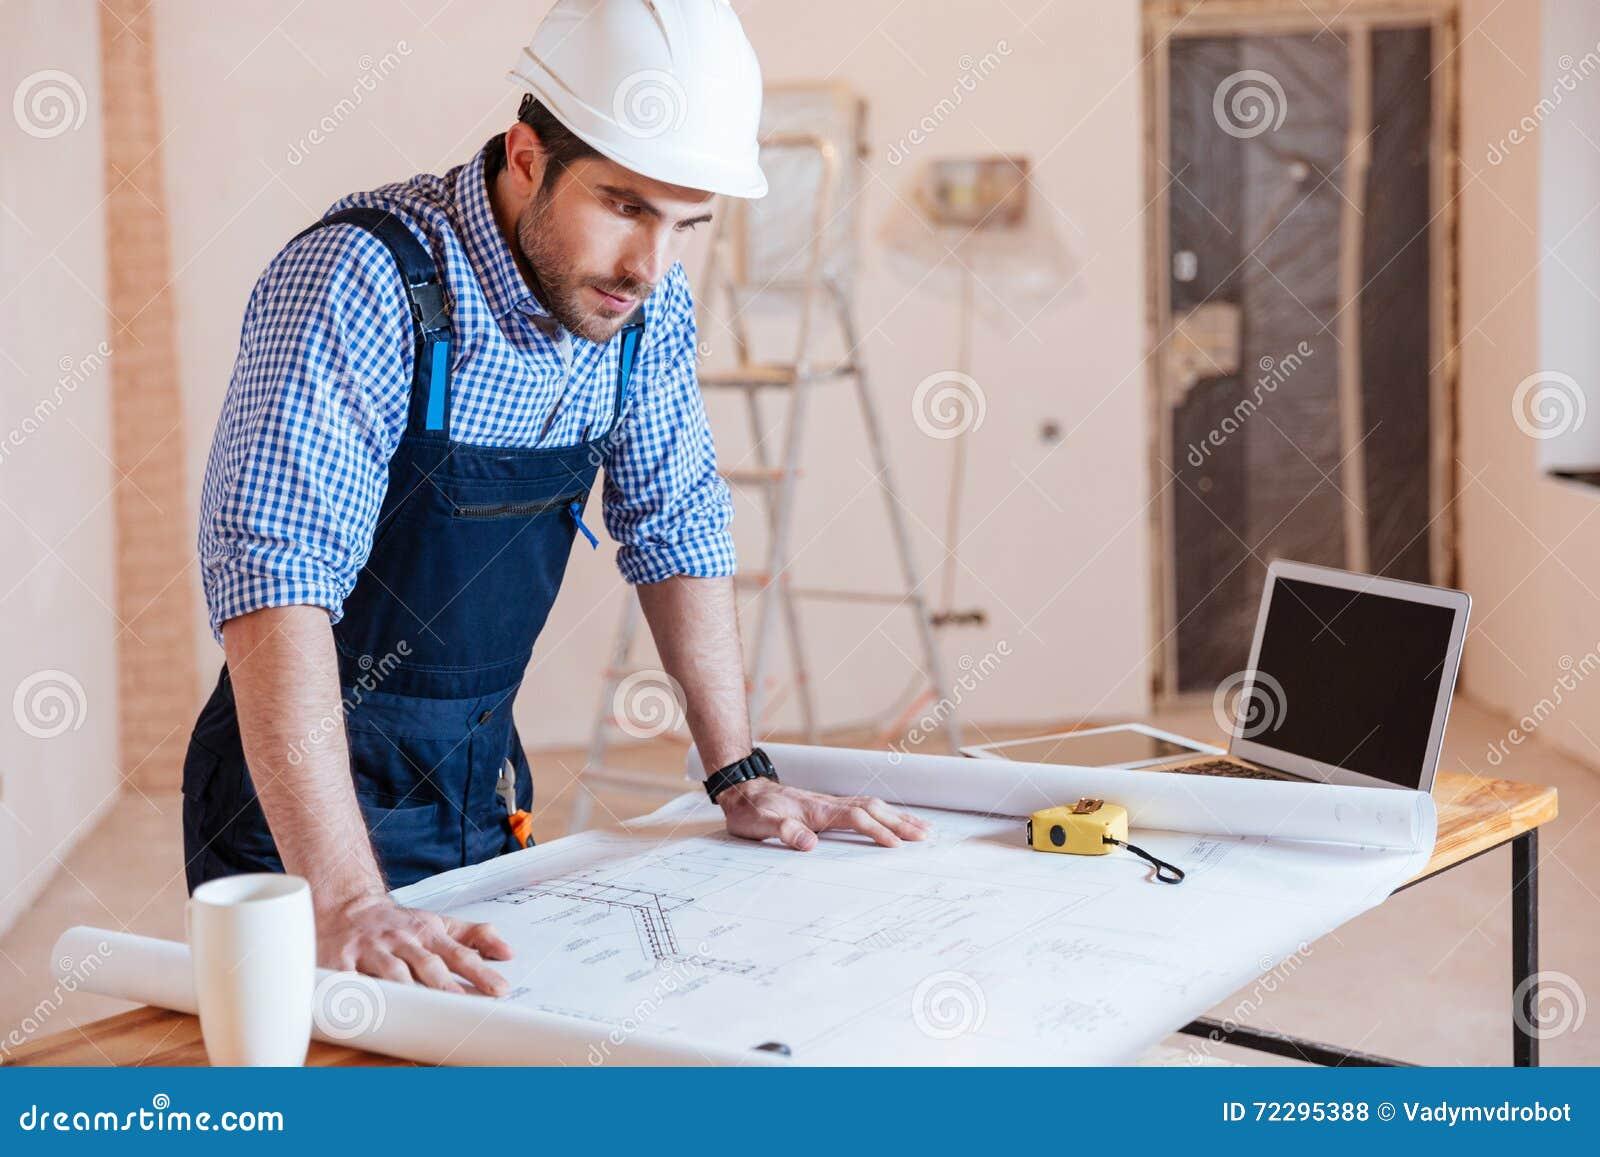 Download Архитектор работая на светокопии, составляет схему внутри помещения Стоковое Фото - изображение насчитывающей дом, hardhat: 72295388